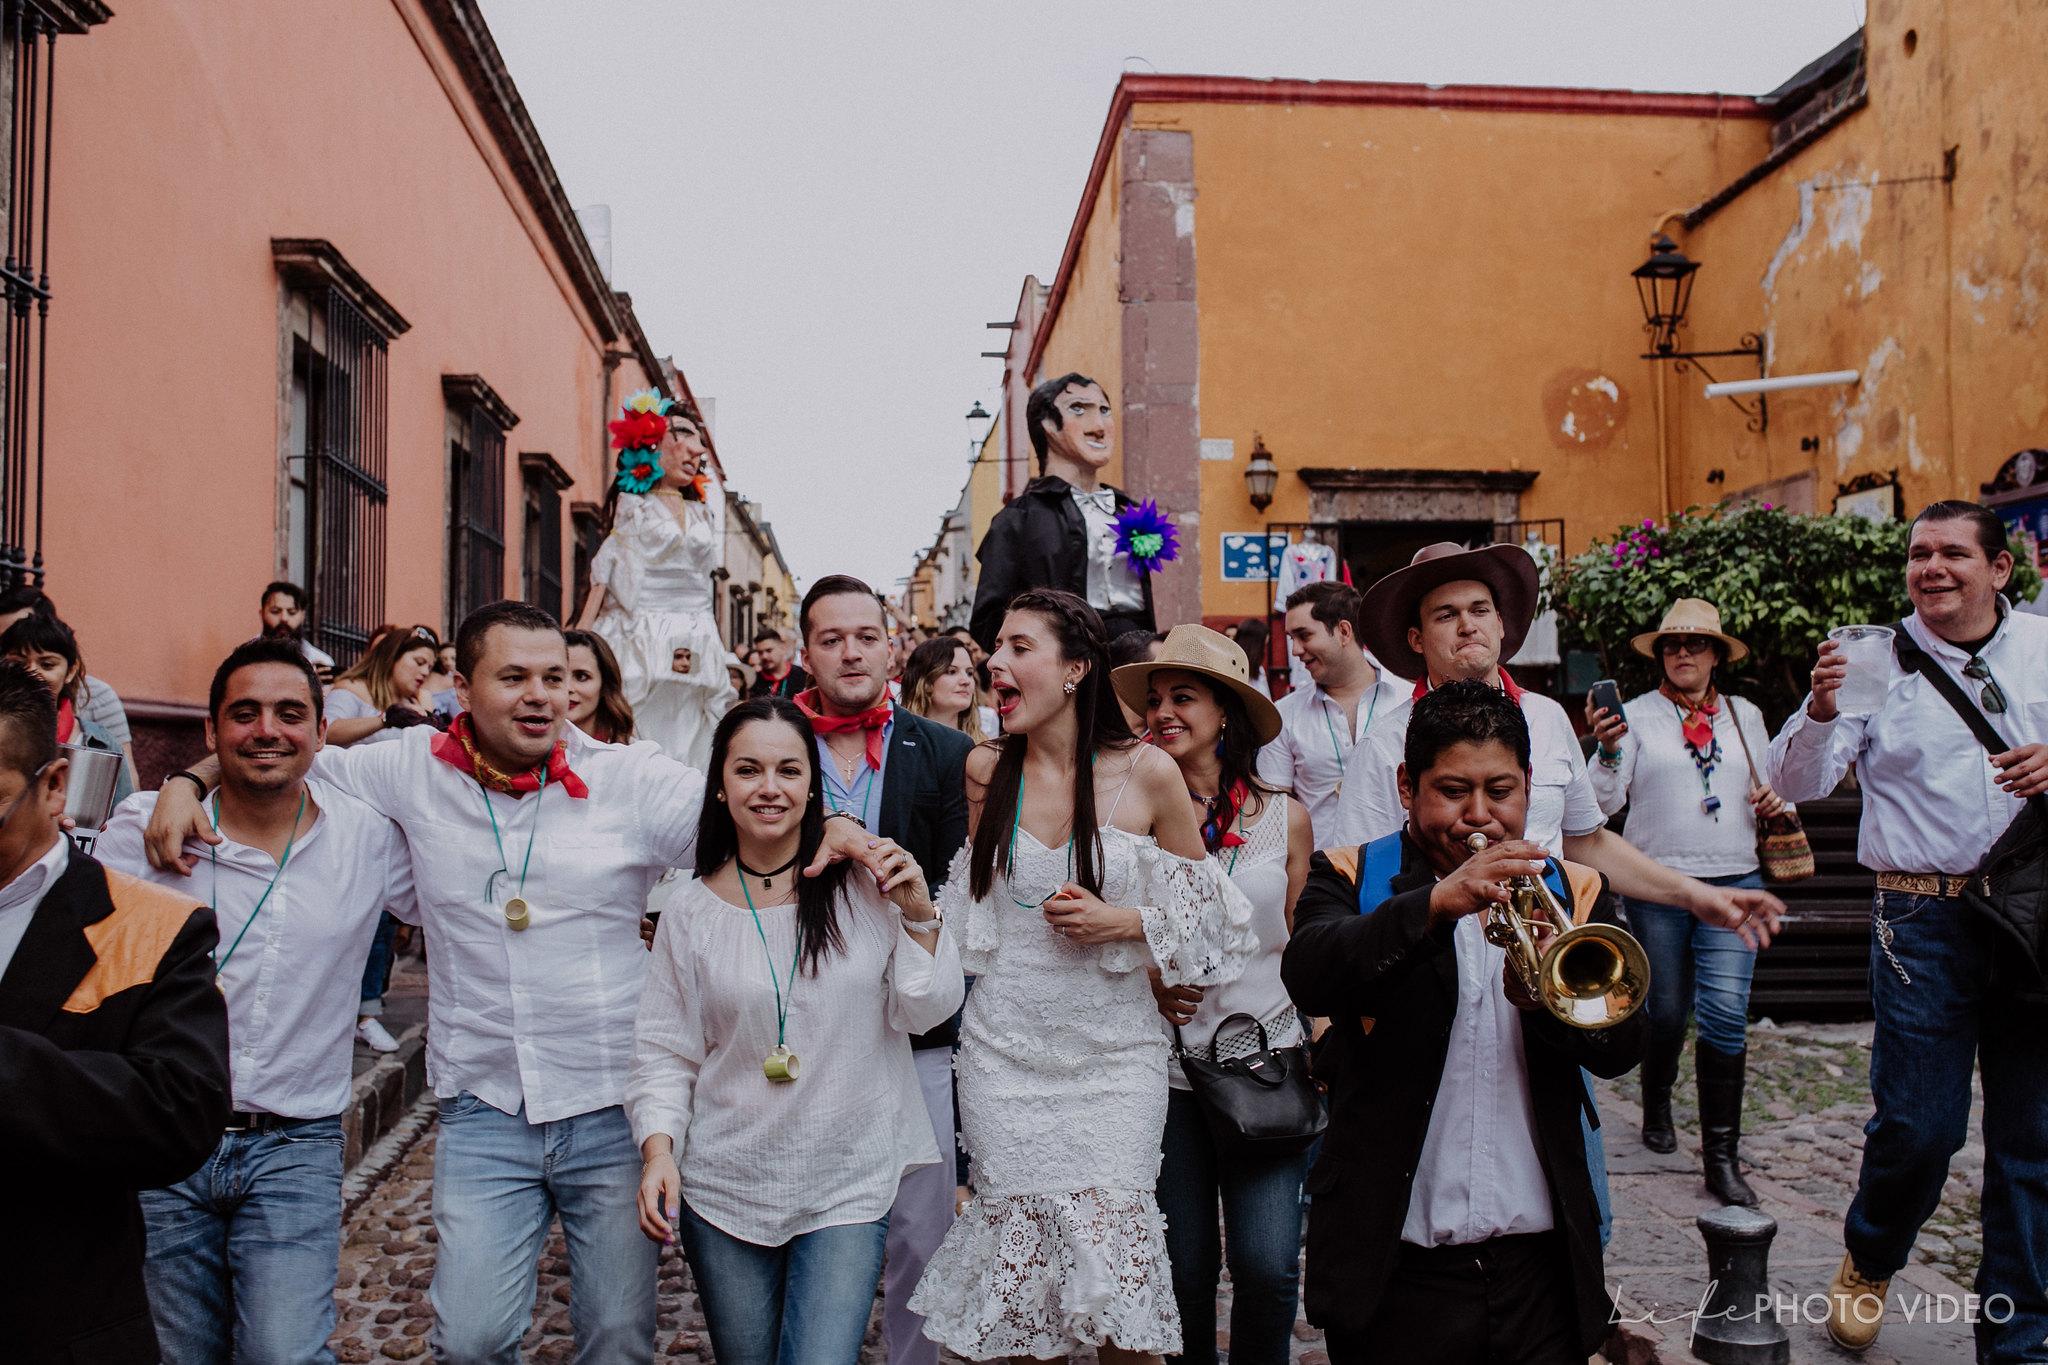 SanMigueldeAllende_Wedding_Callejoneada_Vaquillada_0073